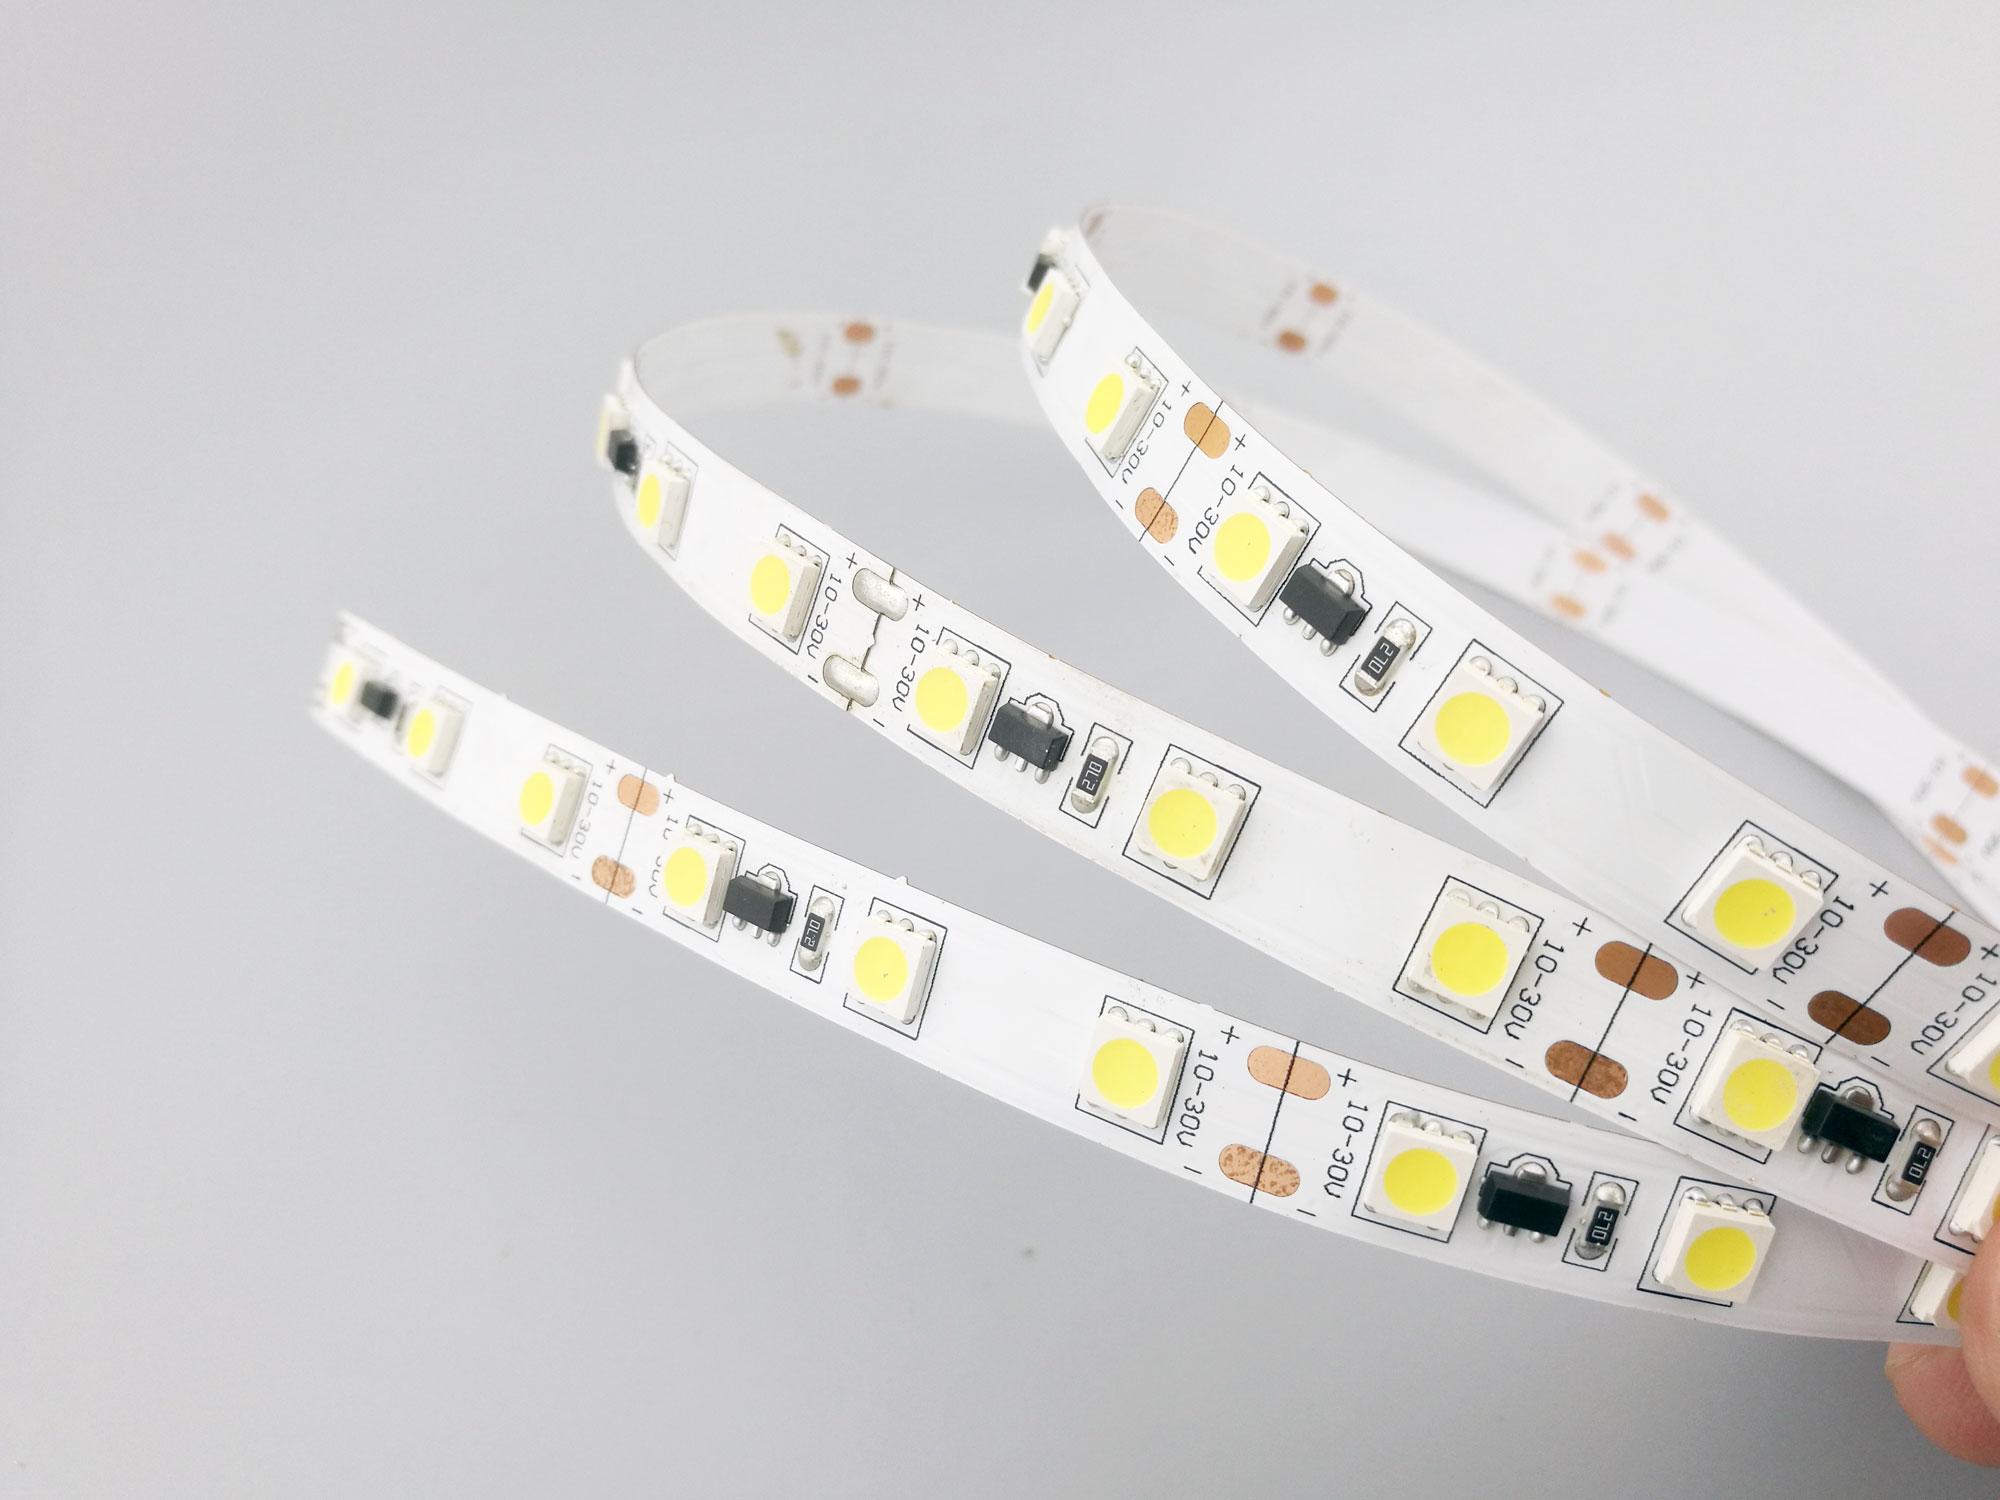 10-30V Wide Voltage Input LED Strip Lights_8